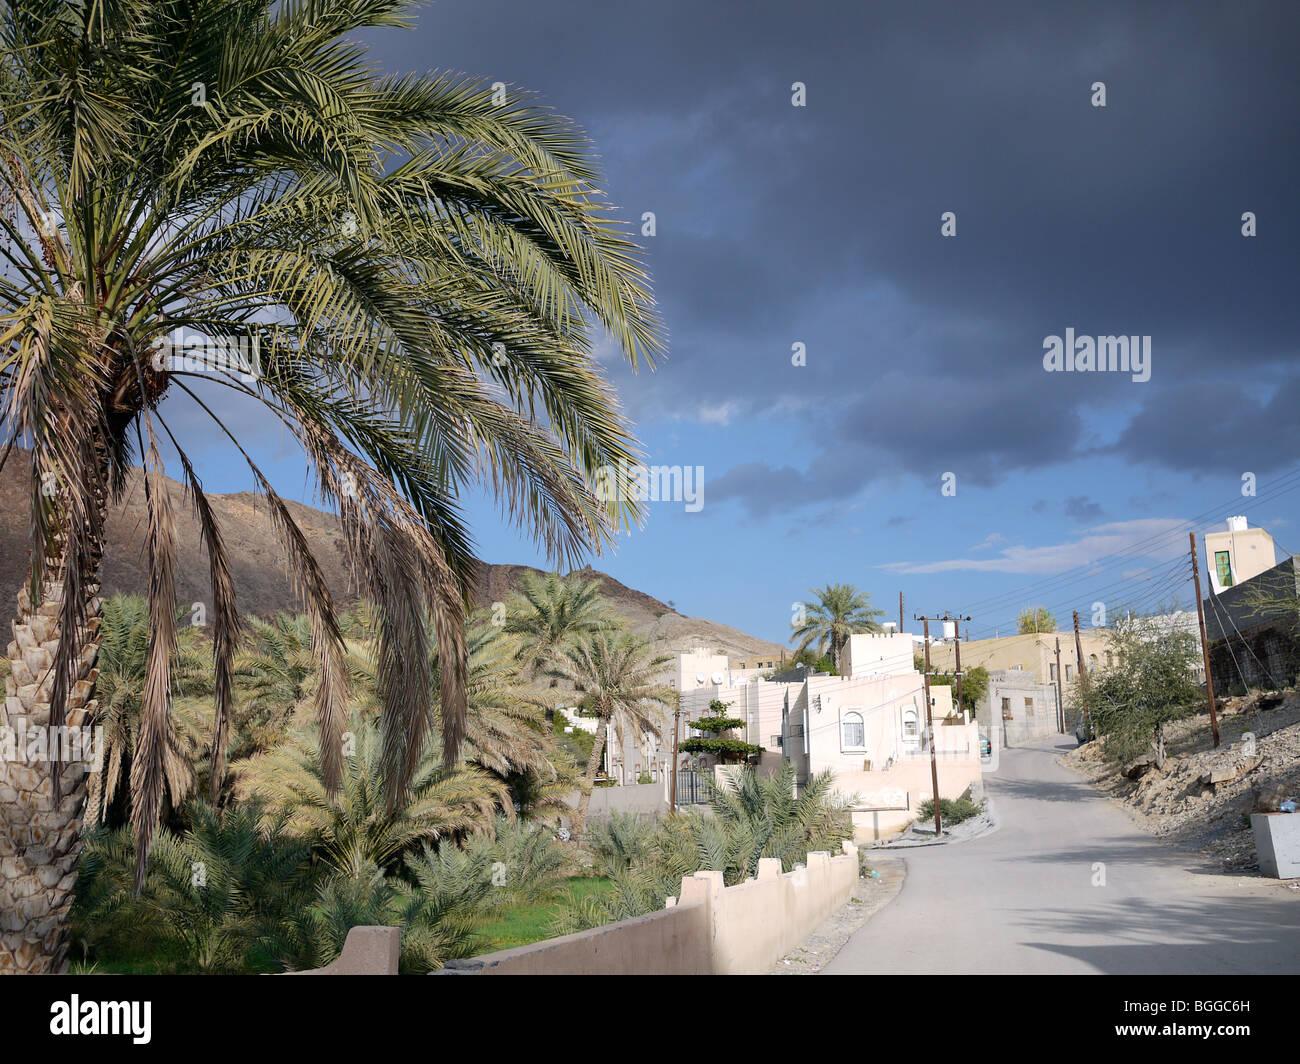 Straßenbild in Oman Dorf Stockbild